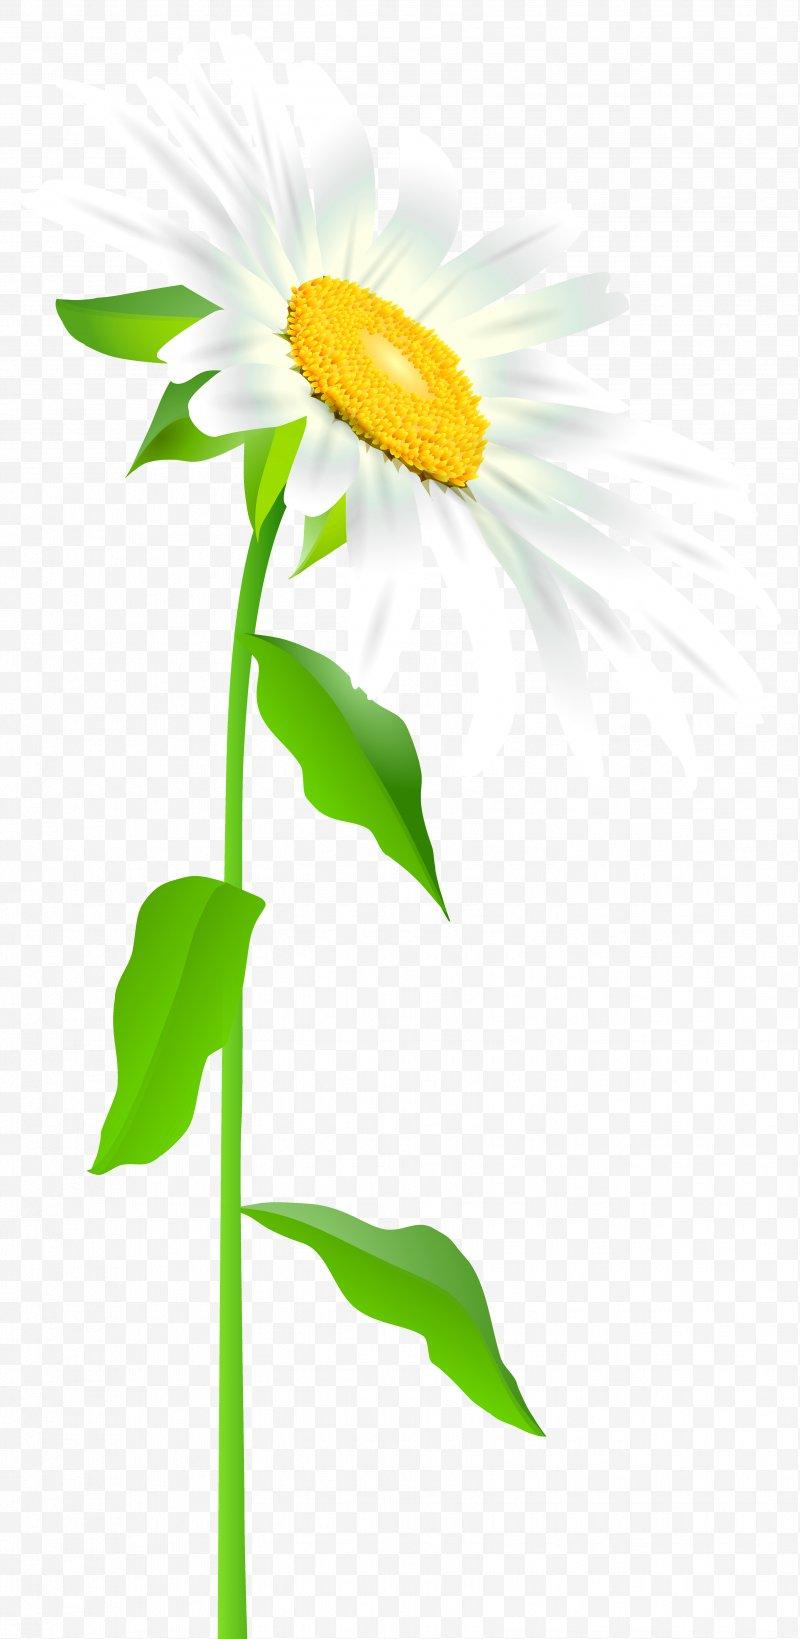 Common sunflower text leaf. Daisy clipart daisy leaves